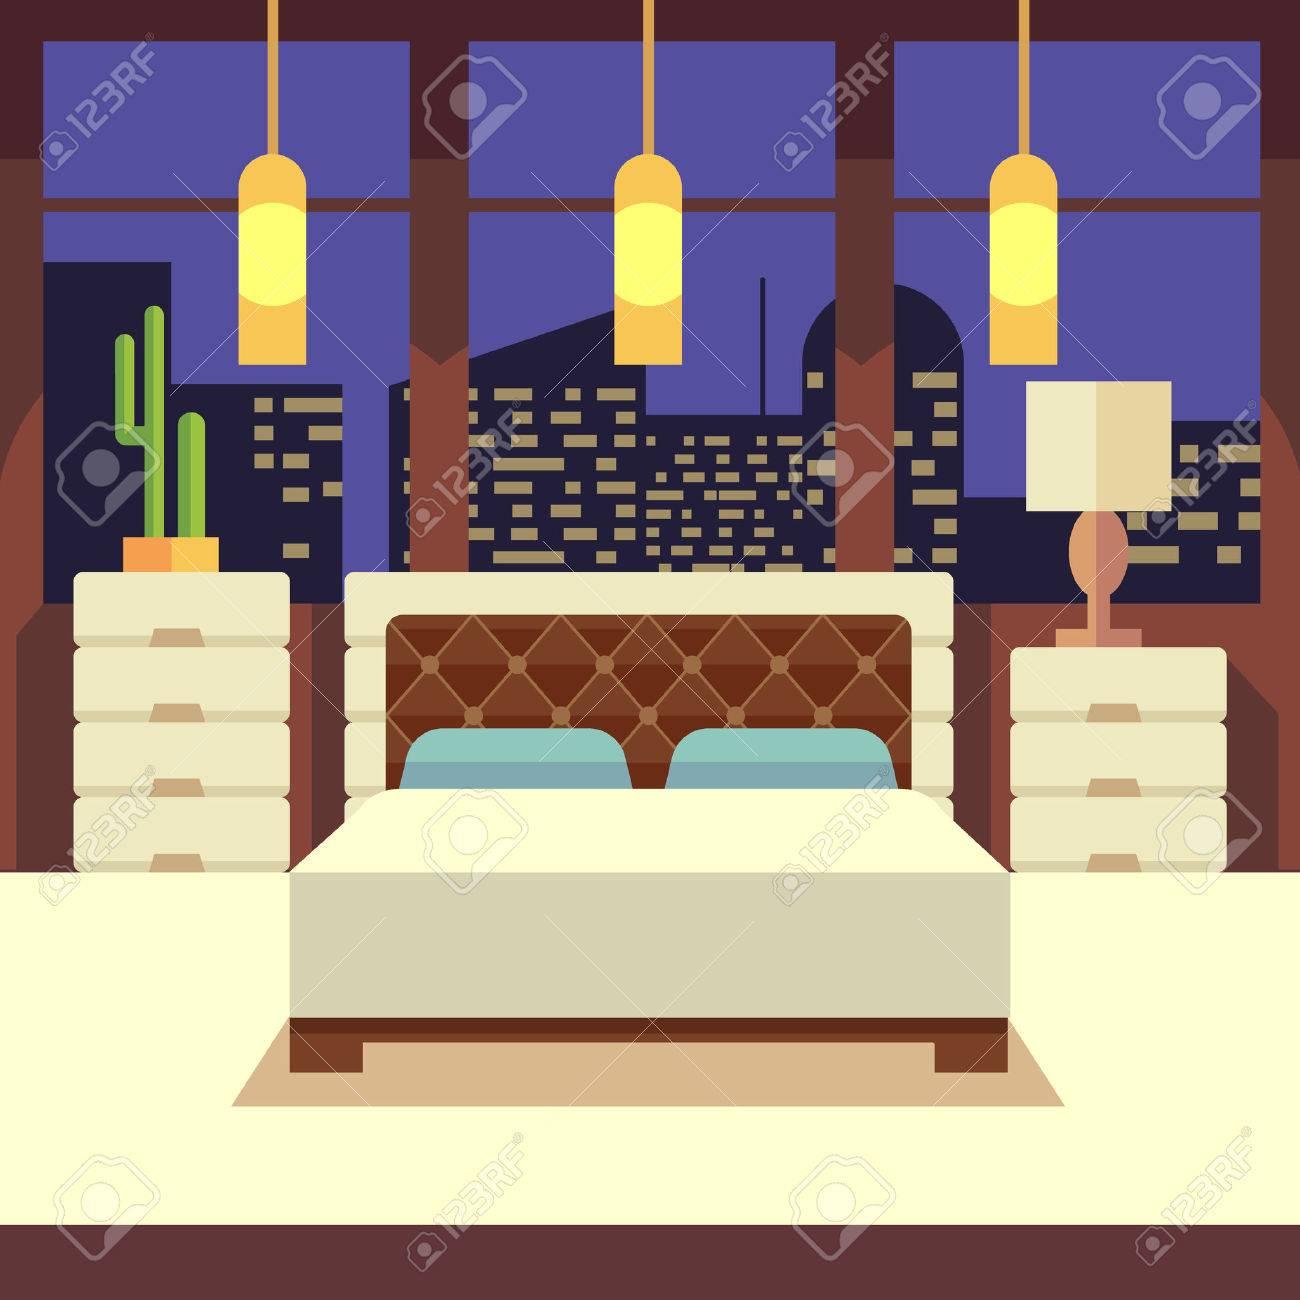 Interior Del Dormitorio En Estilo Plano Del Diseño Con Los Muebles ...